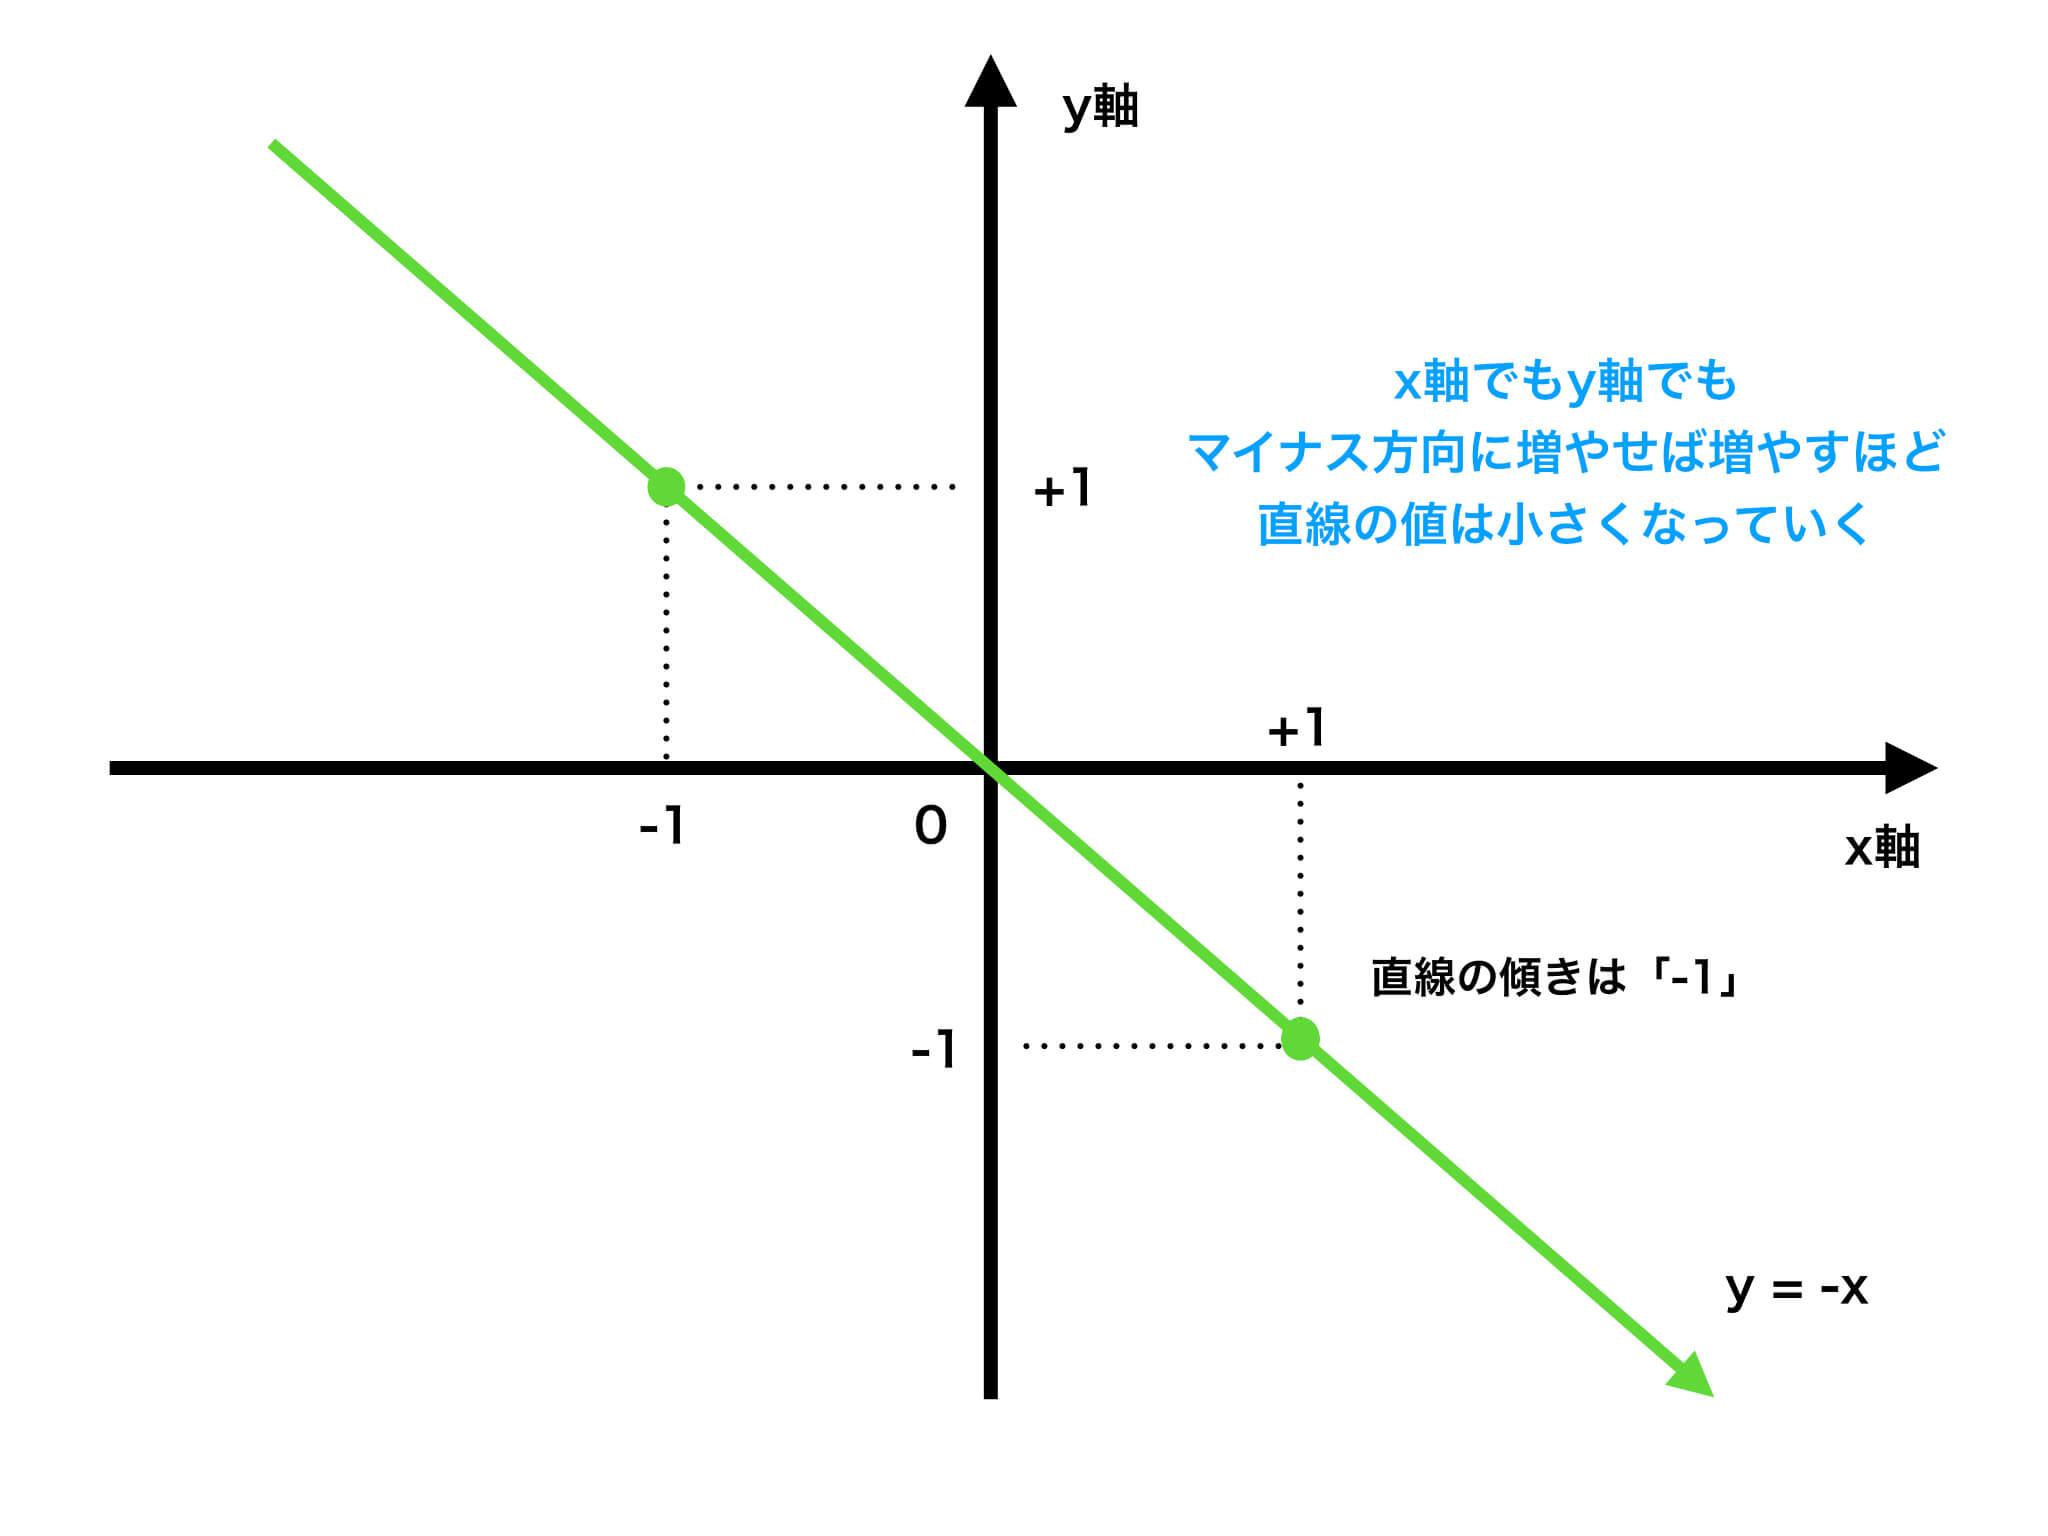 負の傾きの直線